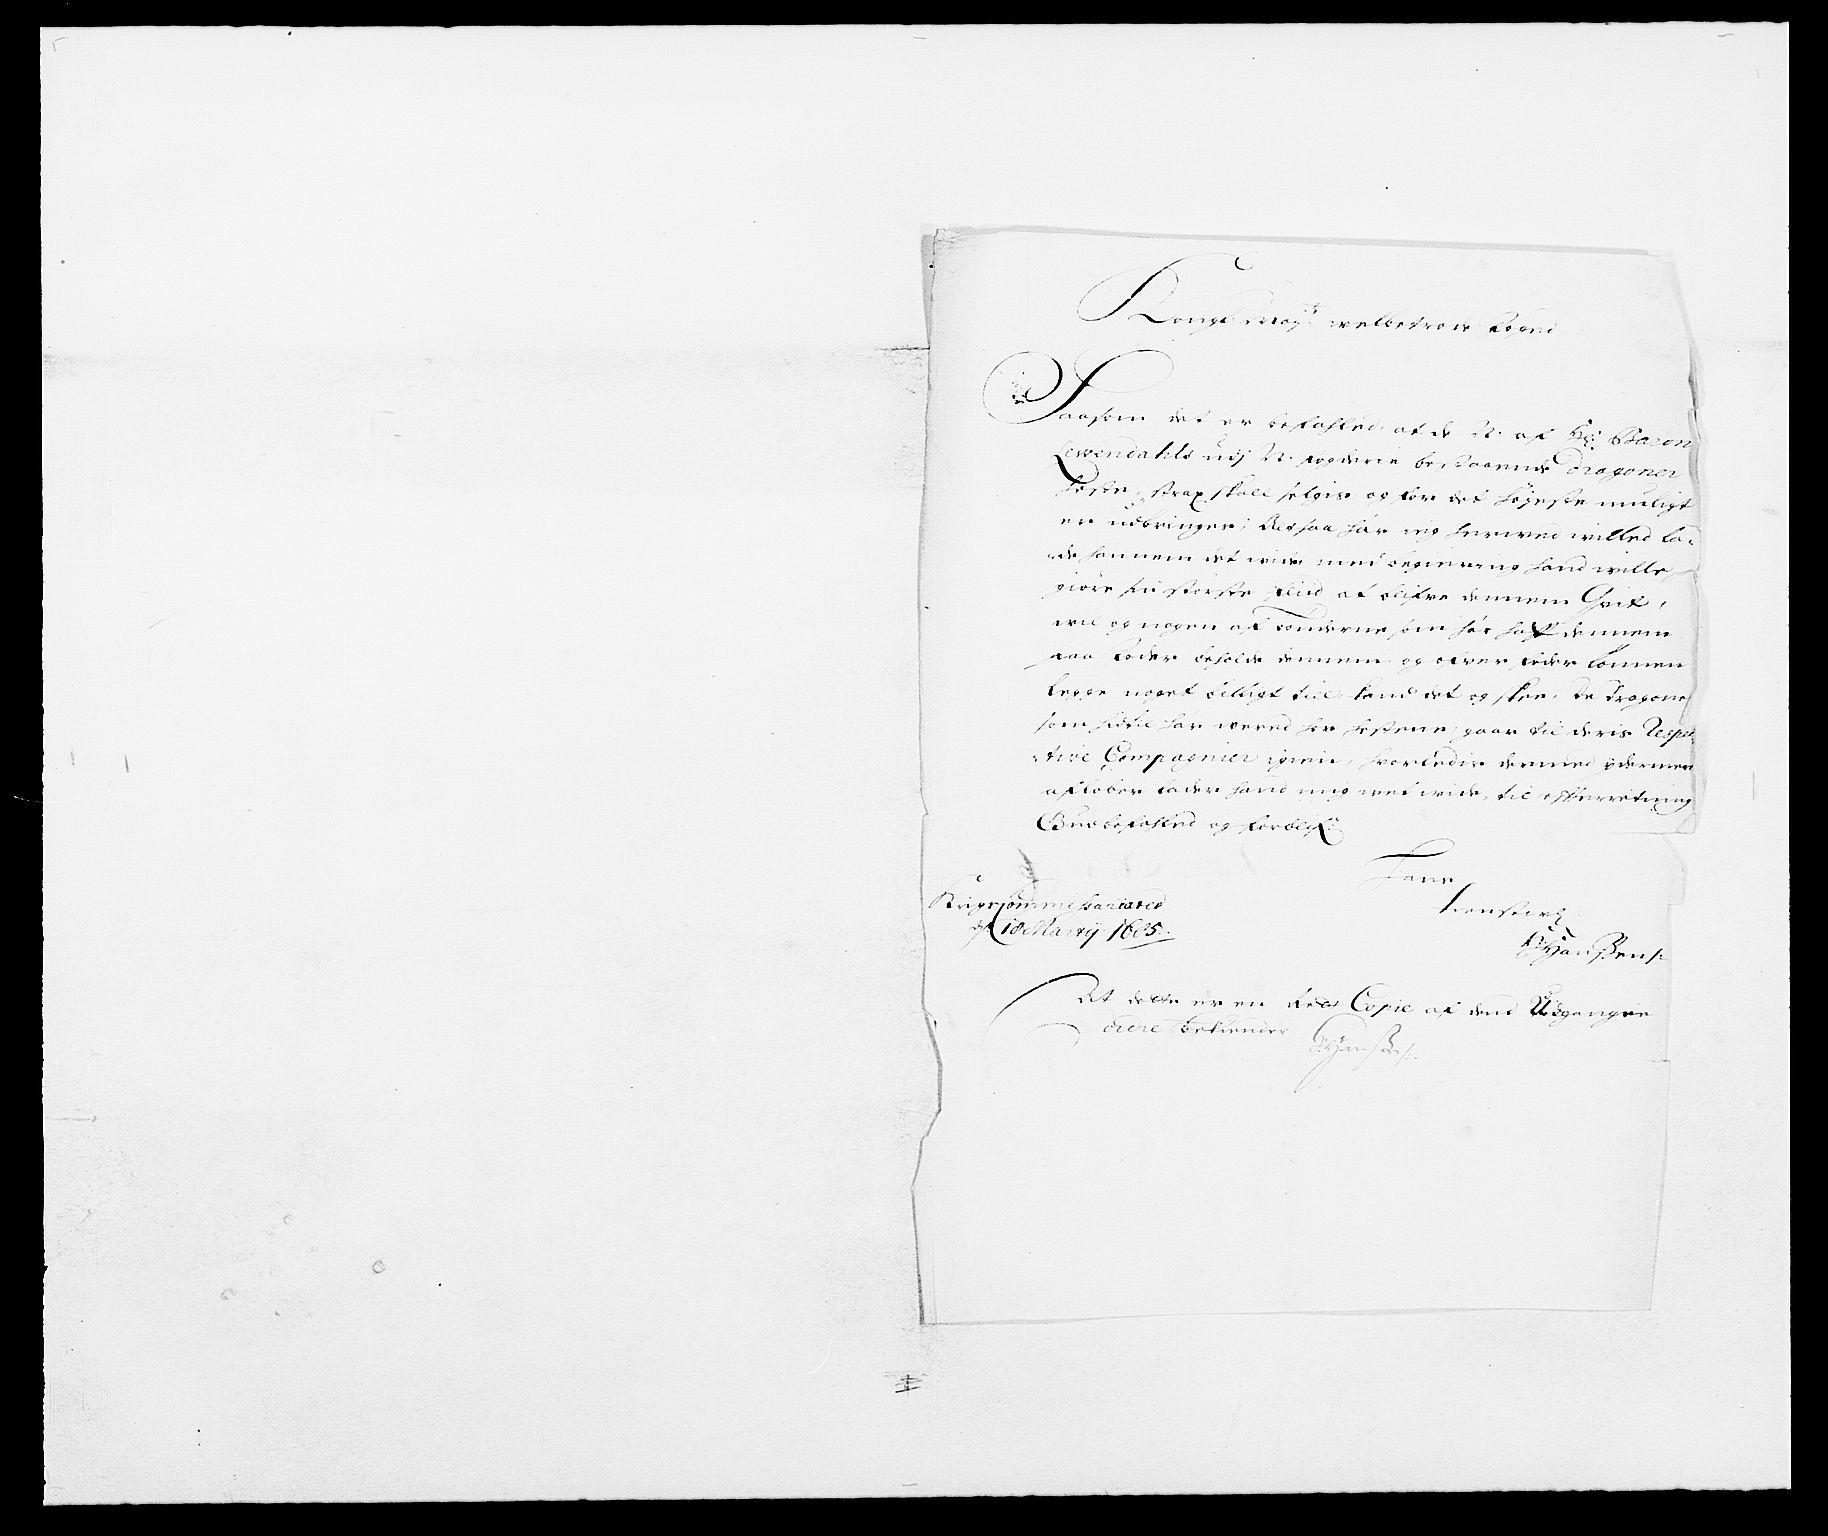 RA, Rentekammeret inntil 1814, Reviderte regnskaper, Fogderegnskap, R08/L0421: Fogderegnskap Aker, 1682-1683, s. 208